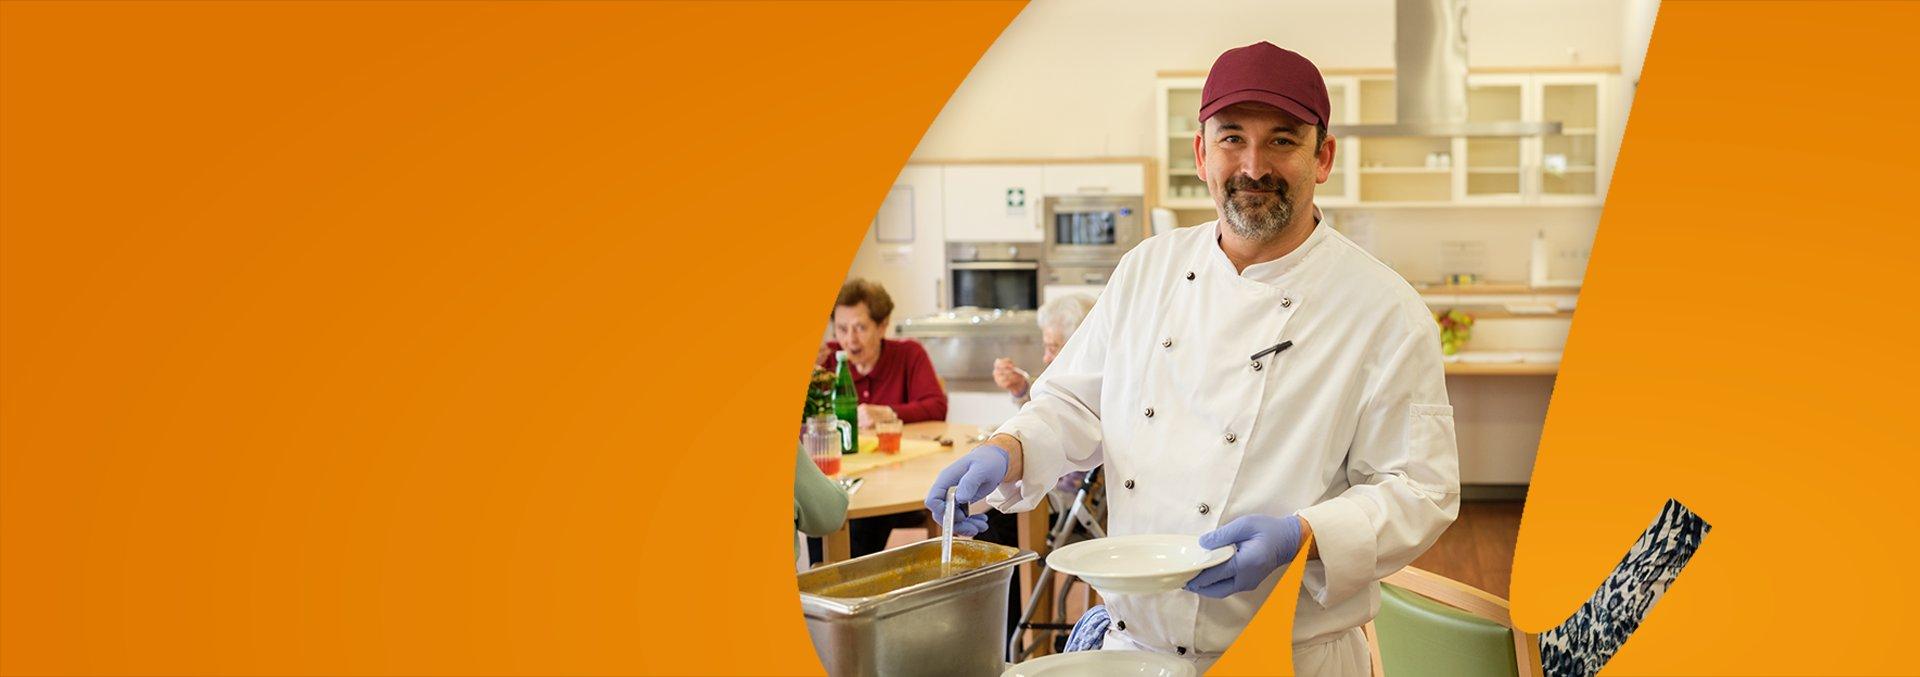 Ausbildung zum Koch, ein Koch schöpft Suppe in einen Teller.